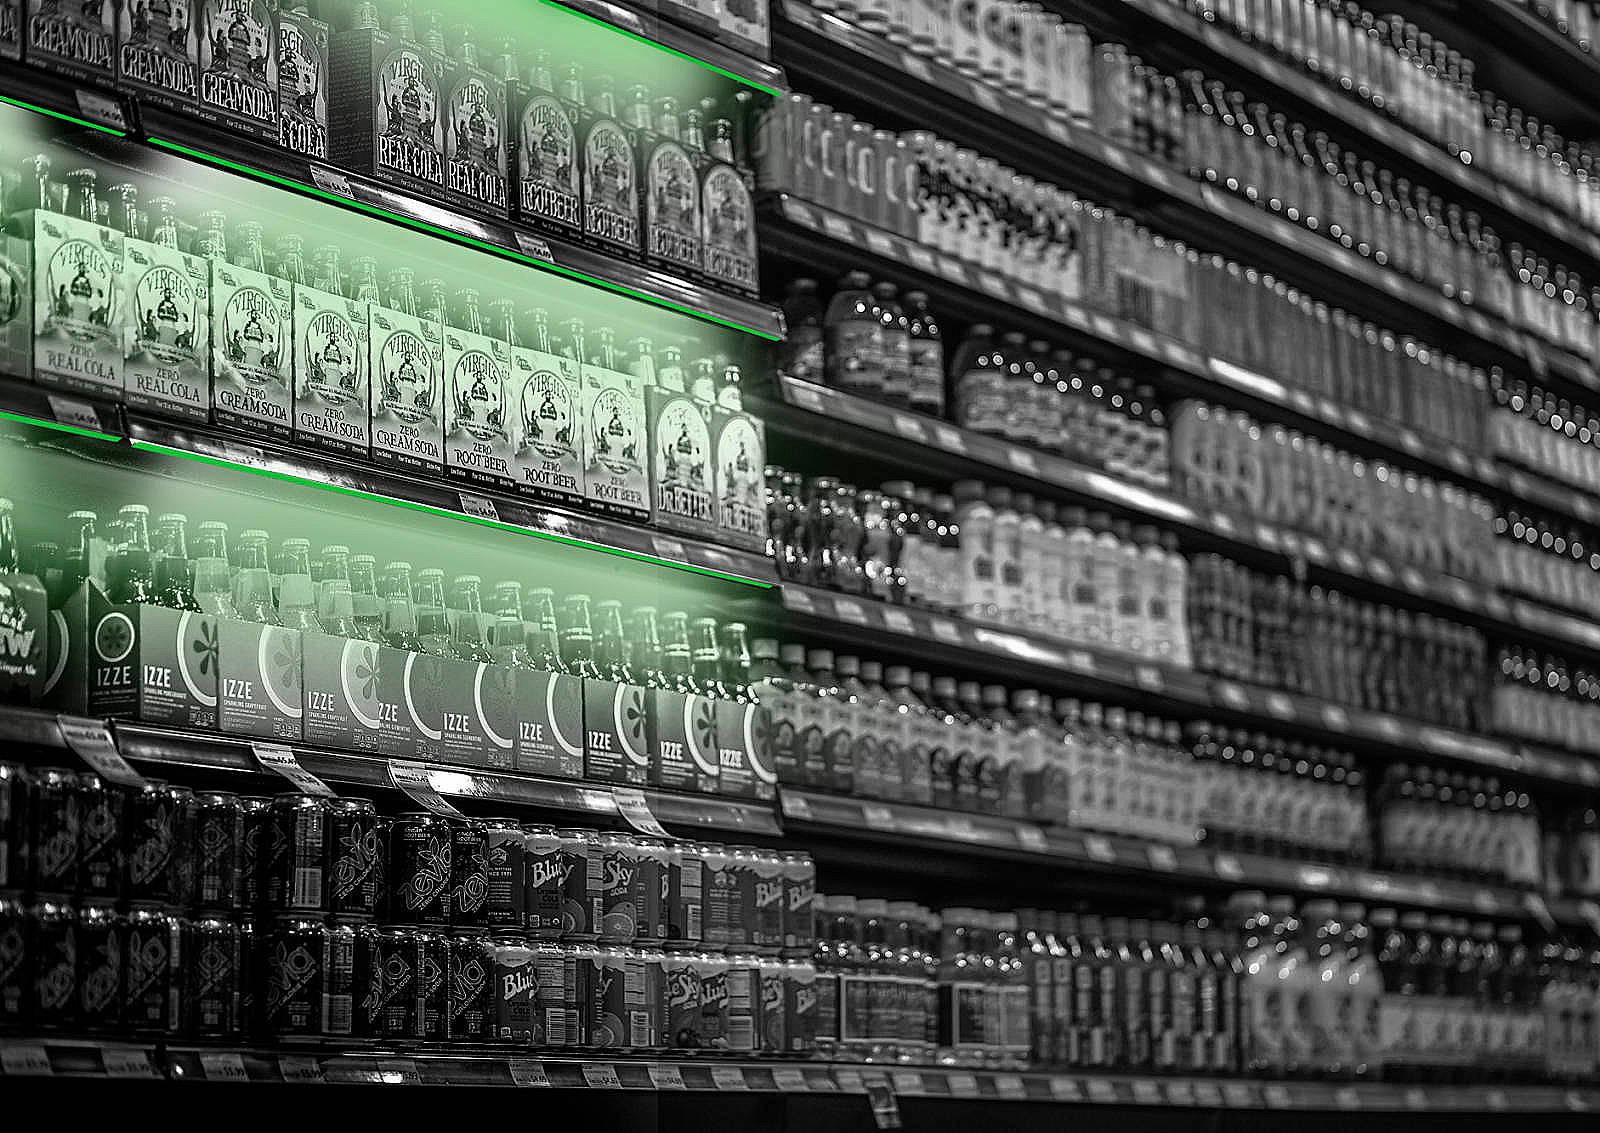 buchsen der umsatz flaschen 811108 sw zmd . korrektur 2